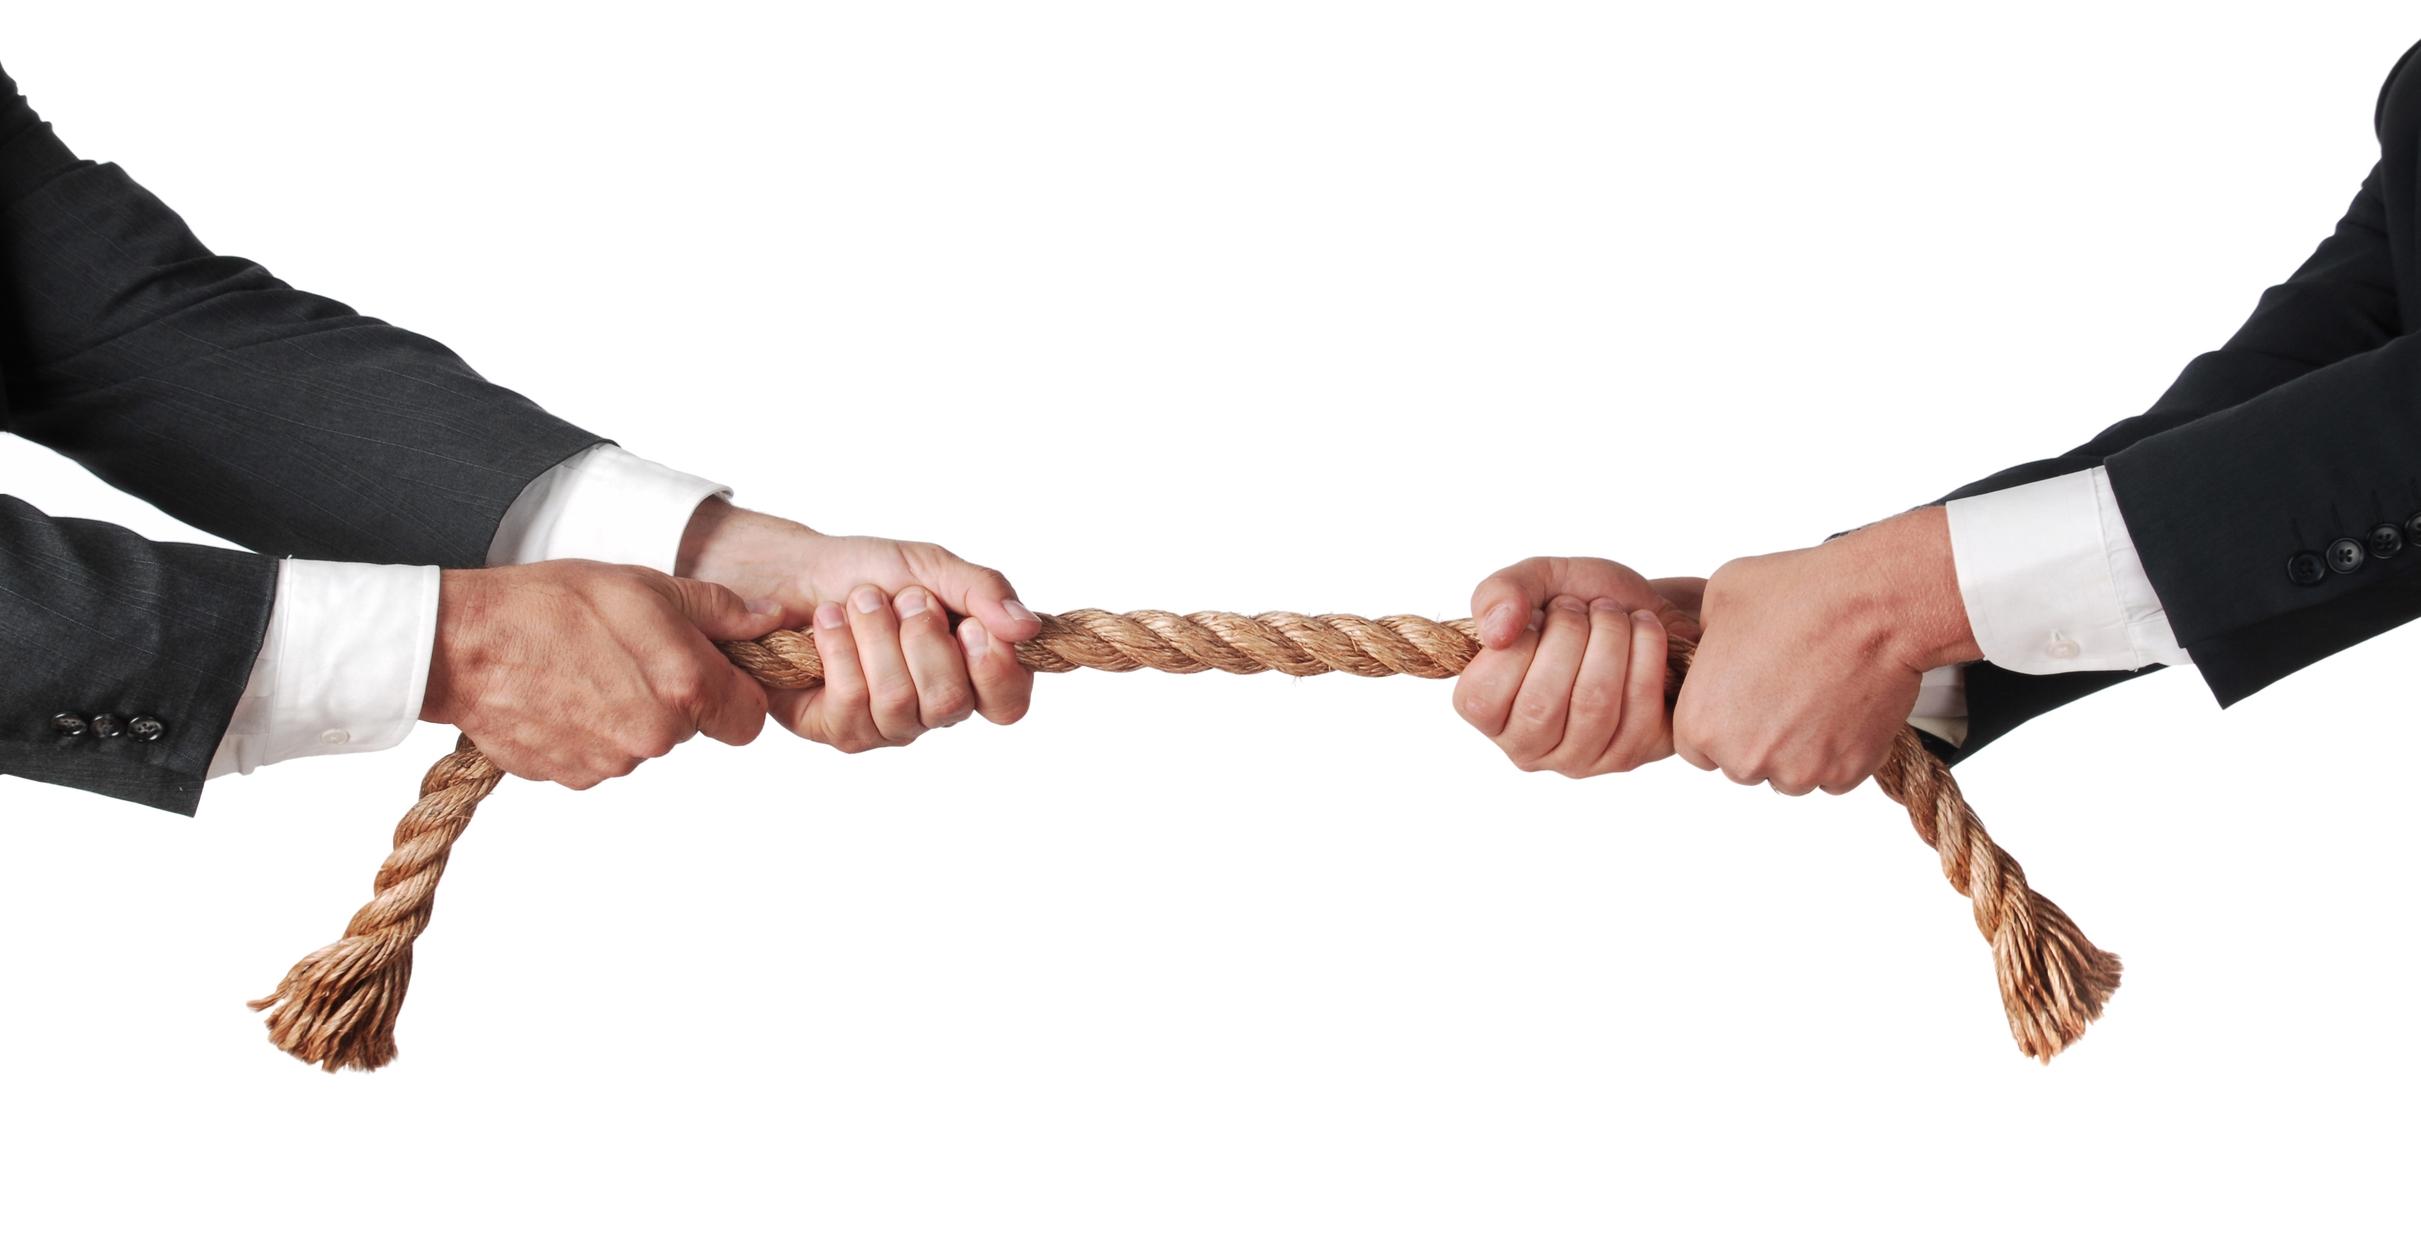 ИФНС против налогоплательщика в деле о дроблении бизнеса: кто кого Юридическая грамотность суд налоговая проверка кредиты автомобиль